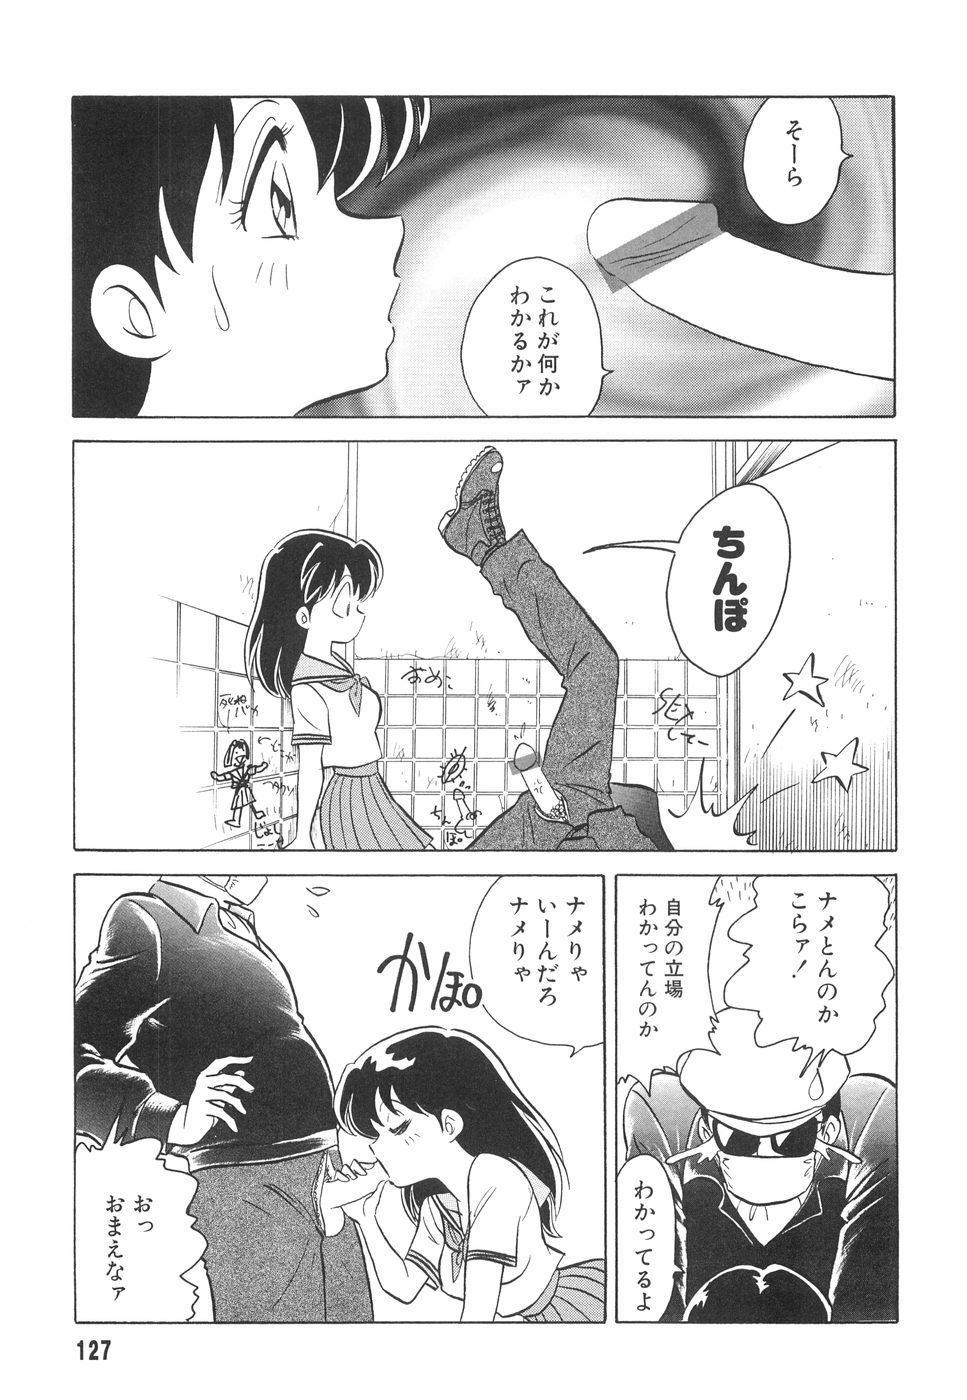 Hazukashime no Jikan 127